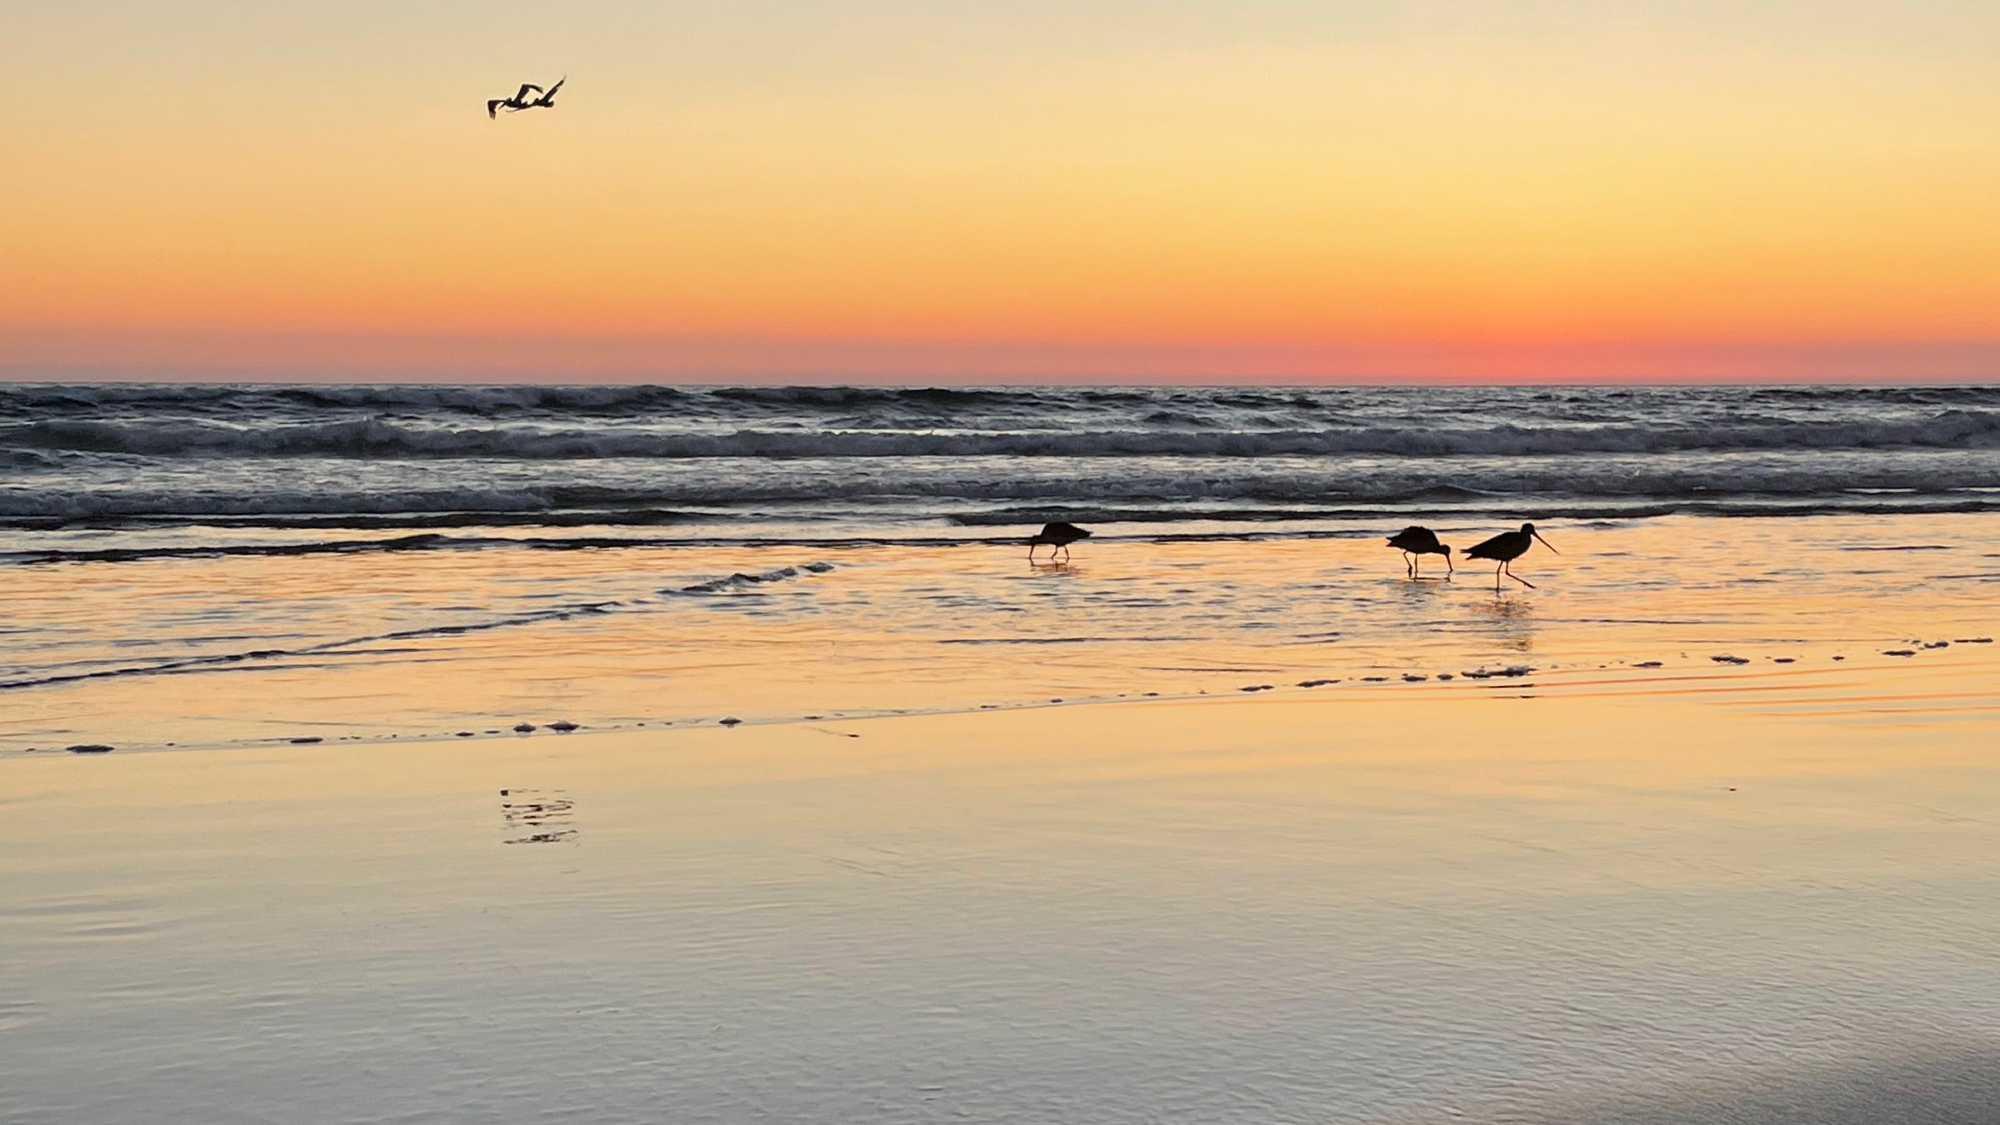 Sunset near Morro Bay, California, July 2021